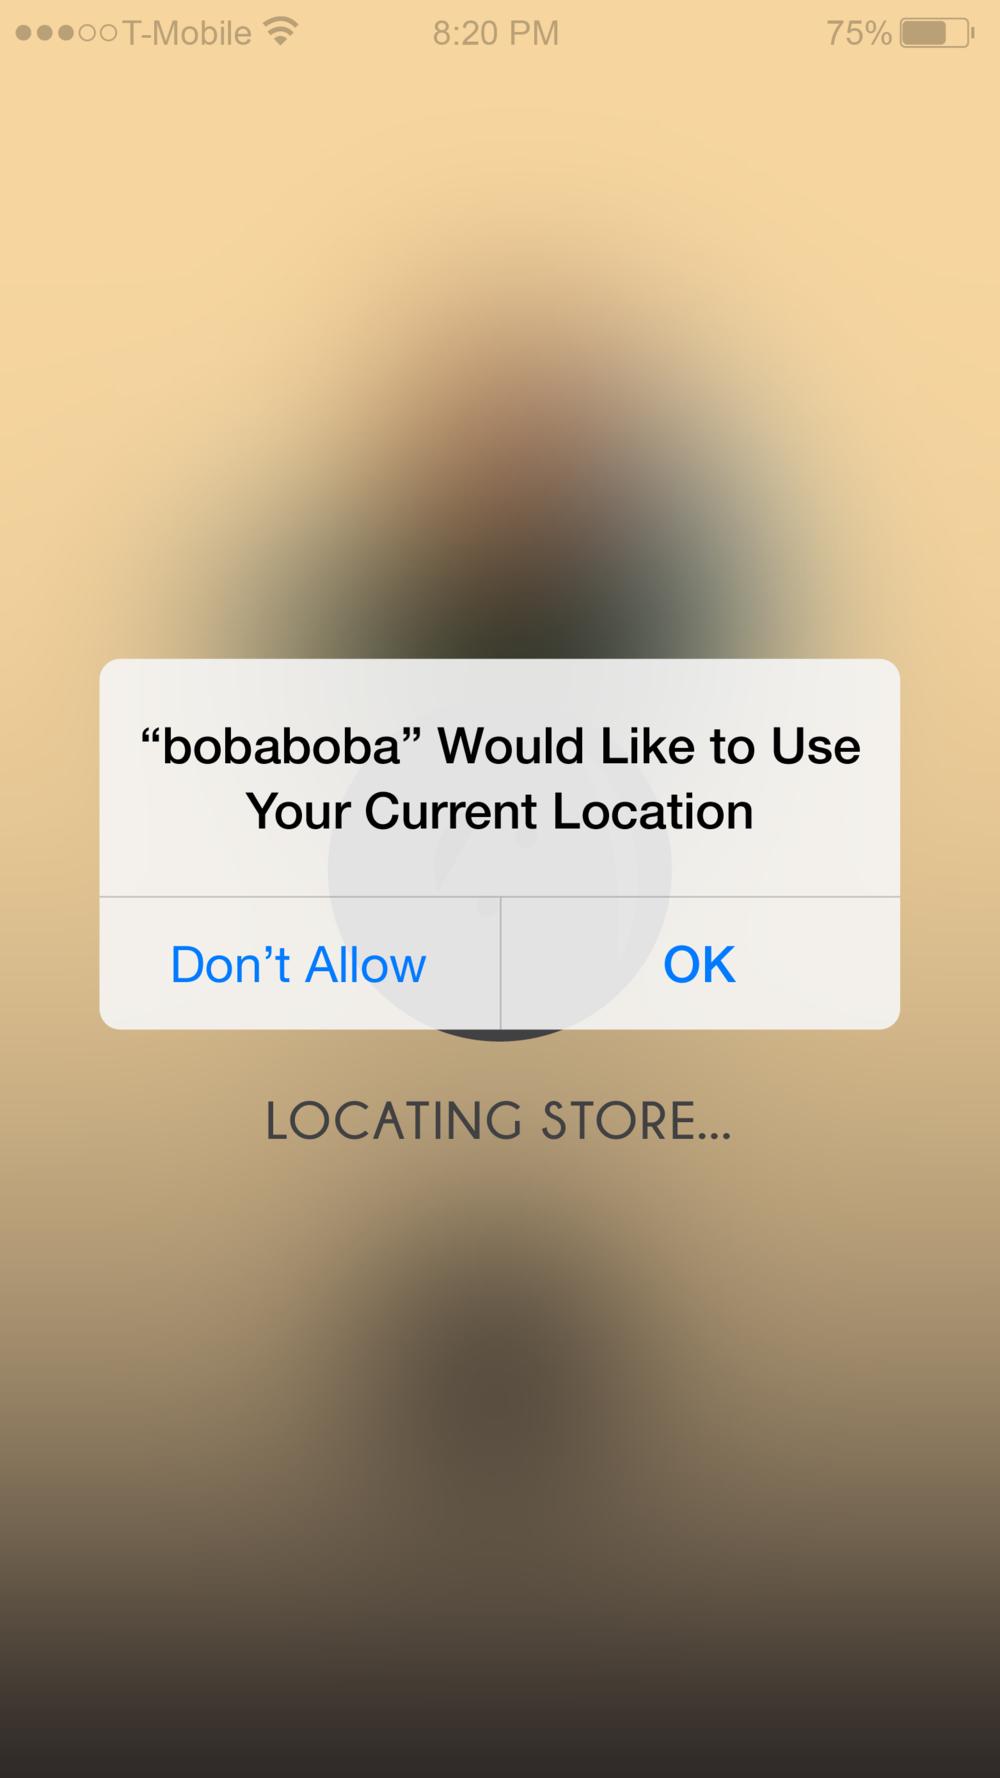 bobaboba-07.png